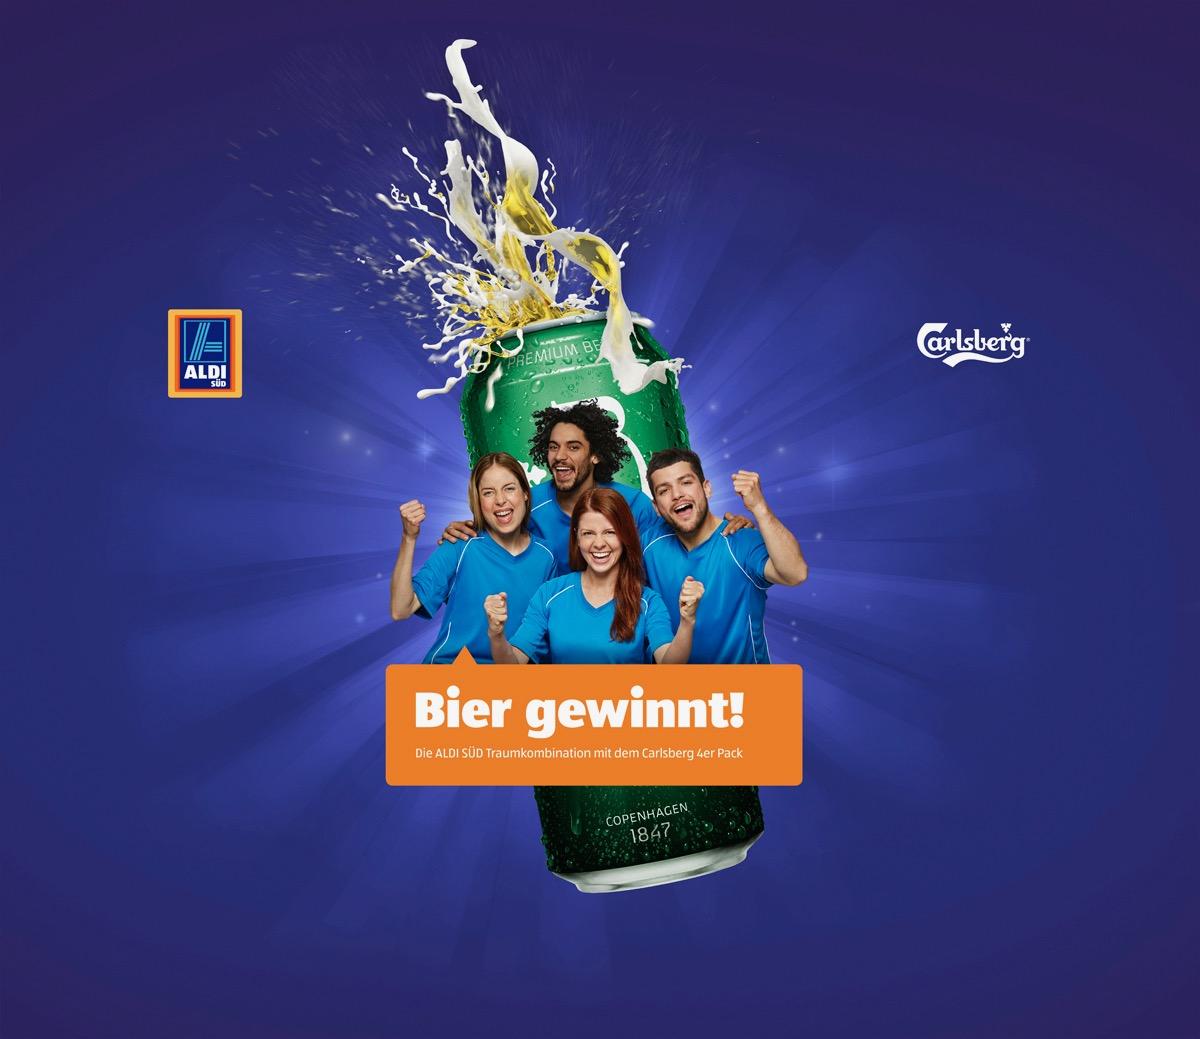 Aldi / Carlsberg